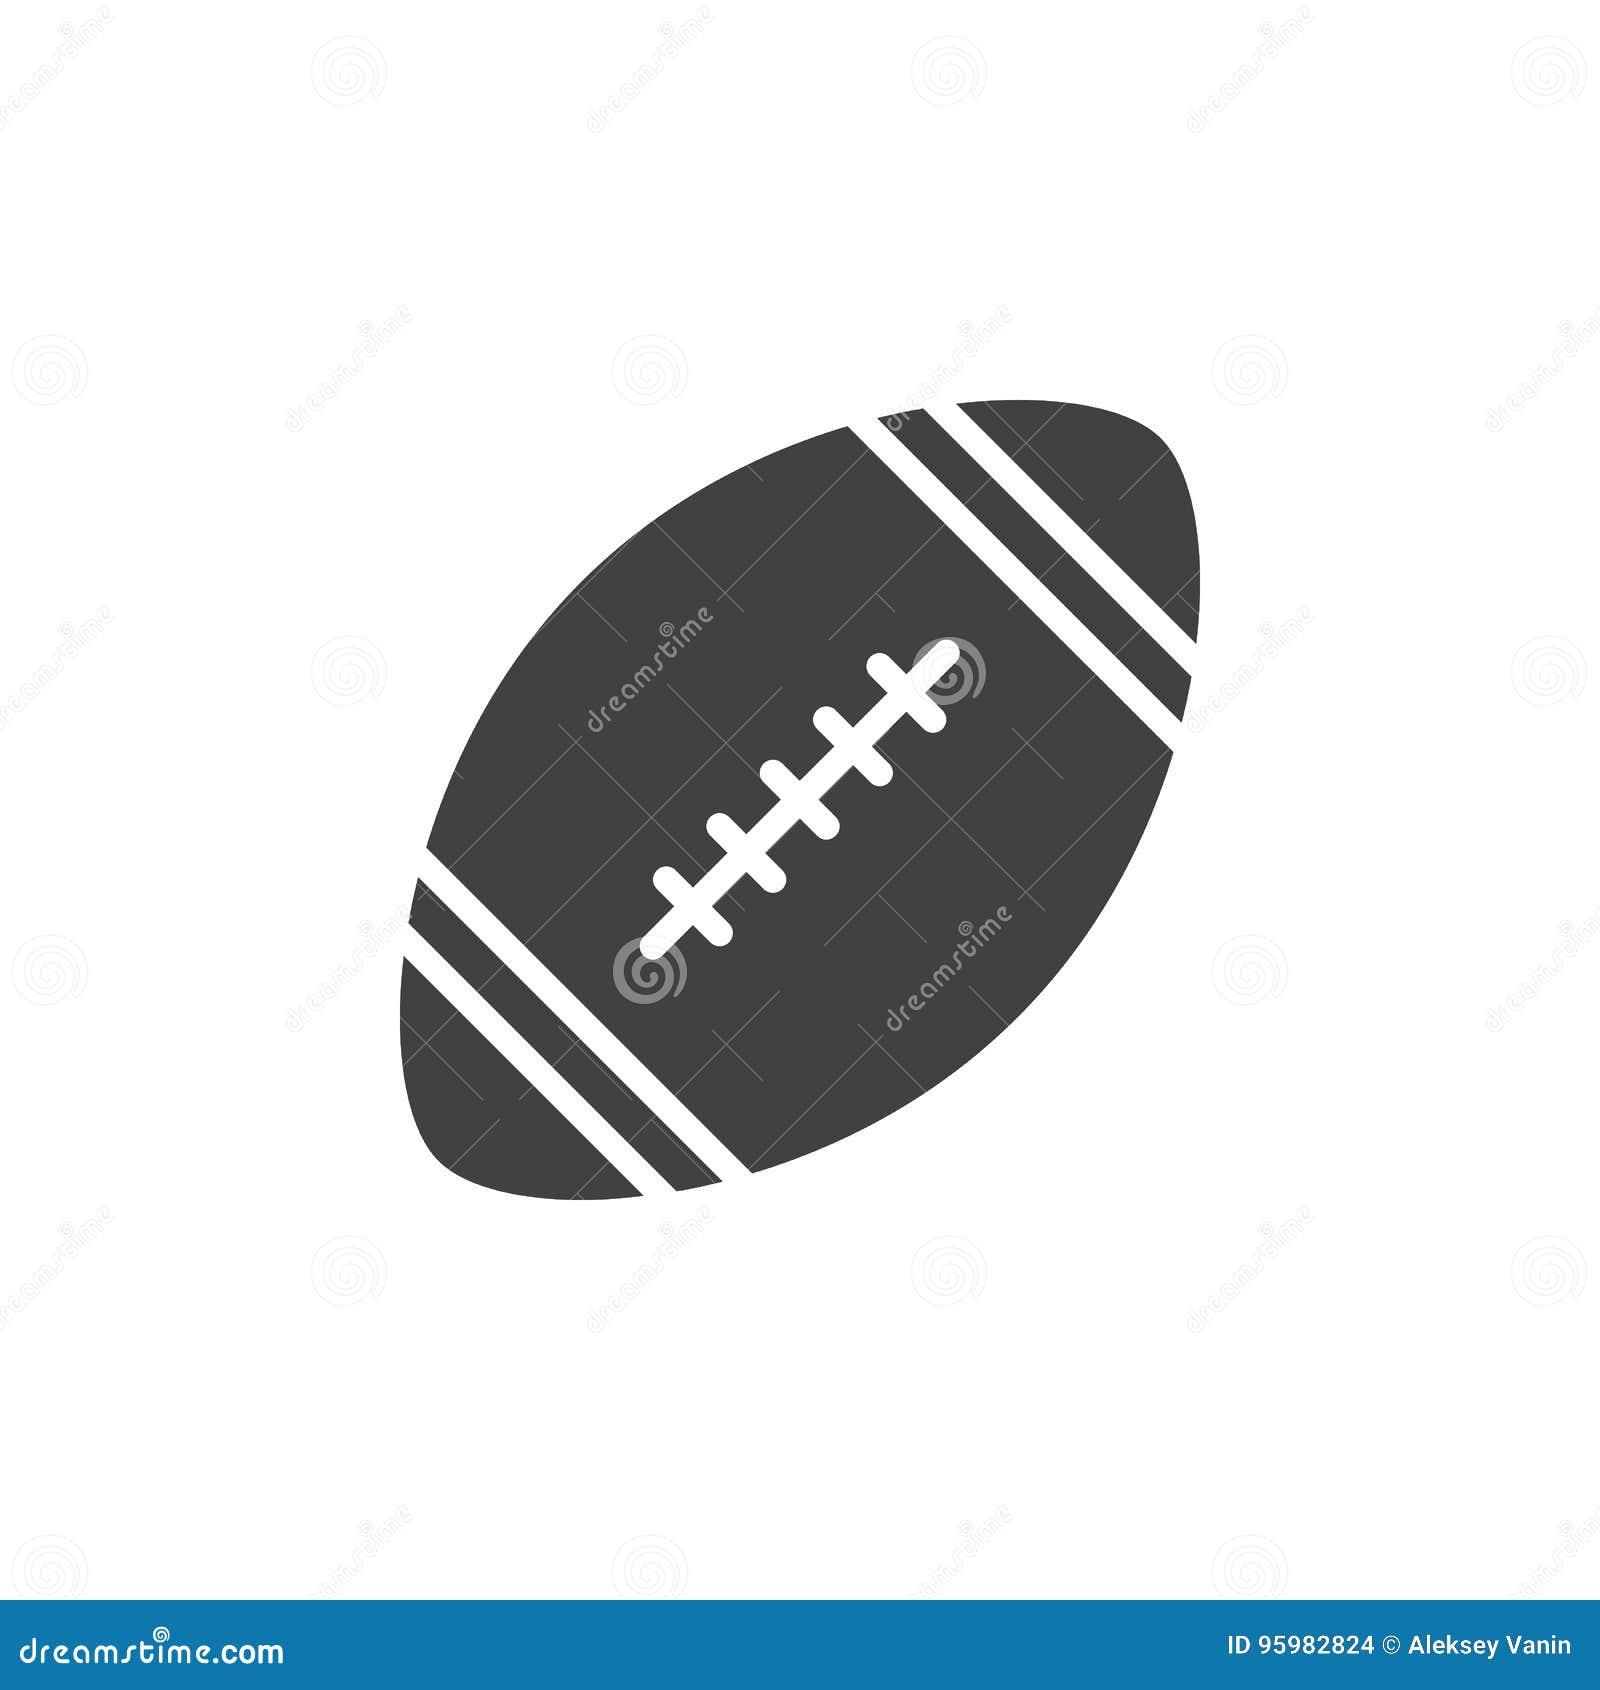 Διανυσματικό, γεμισμένο επίπεδο σημάδι εικονιδίων σφαιρών αμερικανικού ποδοσφαίρου, στερεό εικονόγραμμα που απομονώνεται στο λευκ